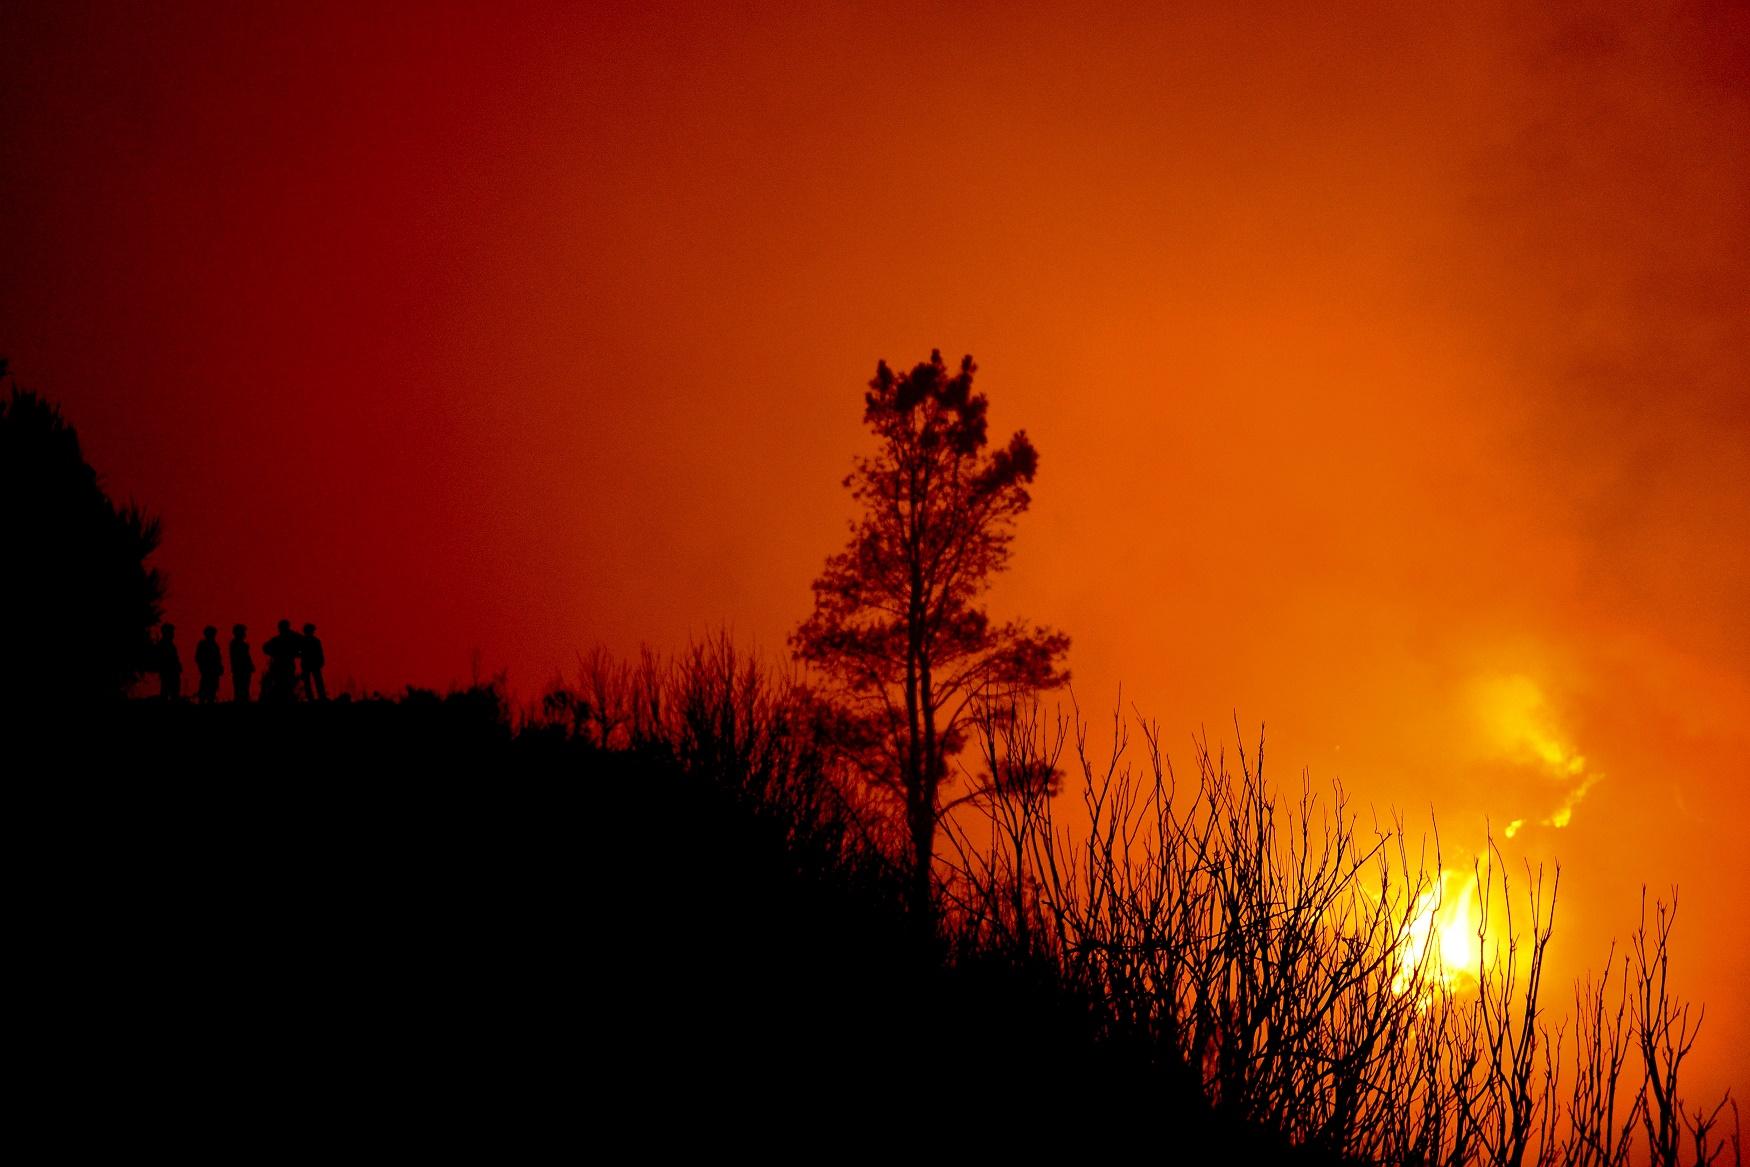 Incêndio na Ilha da Madeira, em agosto de 2016. Ano em que Portugal assumiu a liderança no ranking de queimadas na Europa. Foto de Patrícia de Melo Moreira/AFP